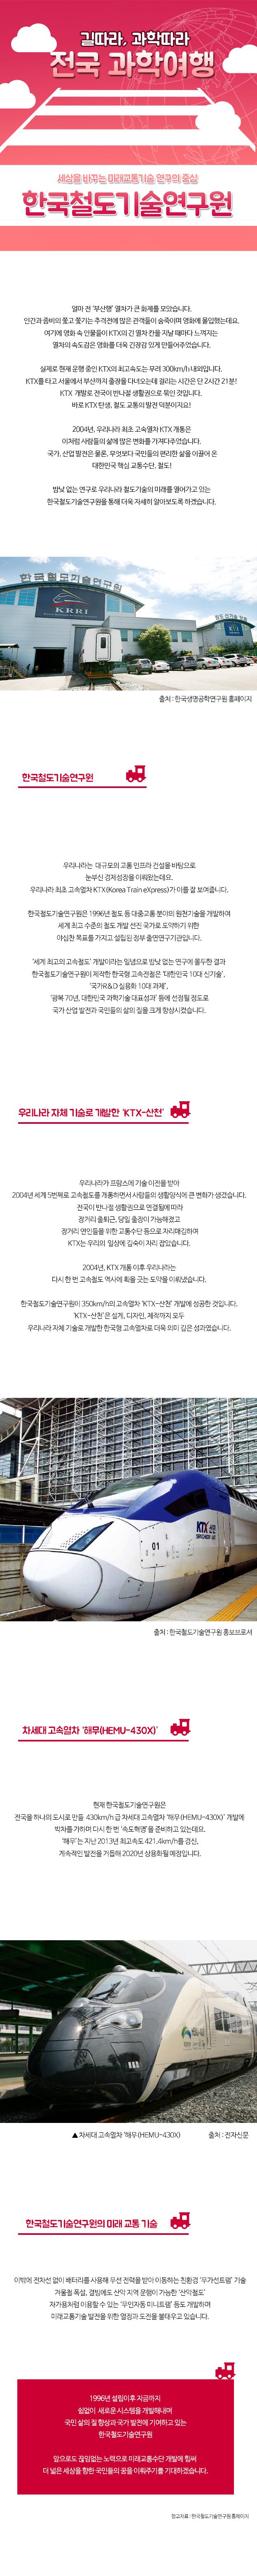 [커뮤니케이션웍스]_전국과학여행_한국철도기술연구원